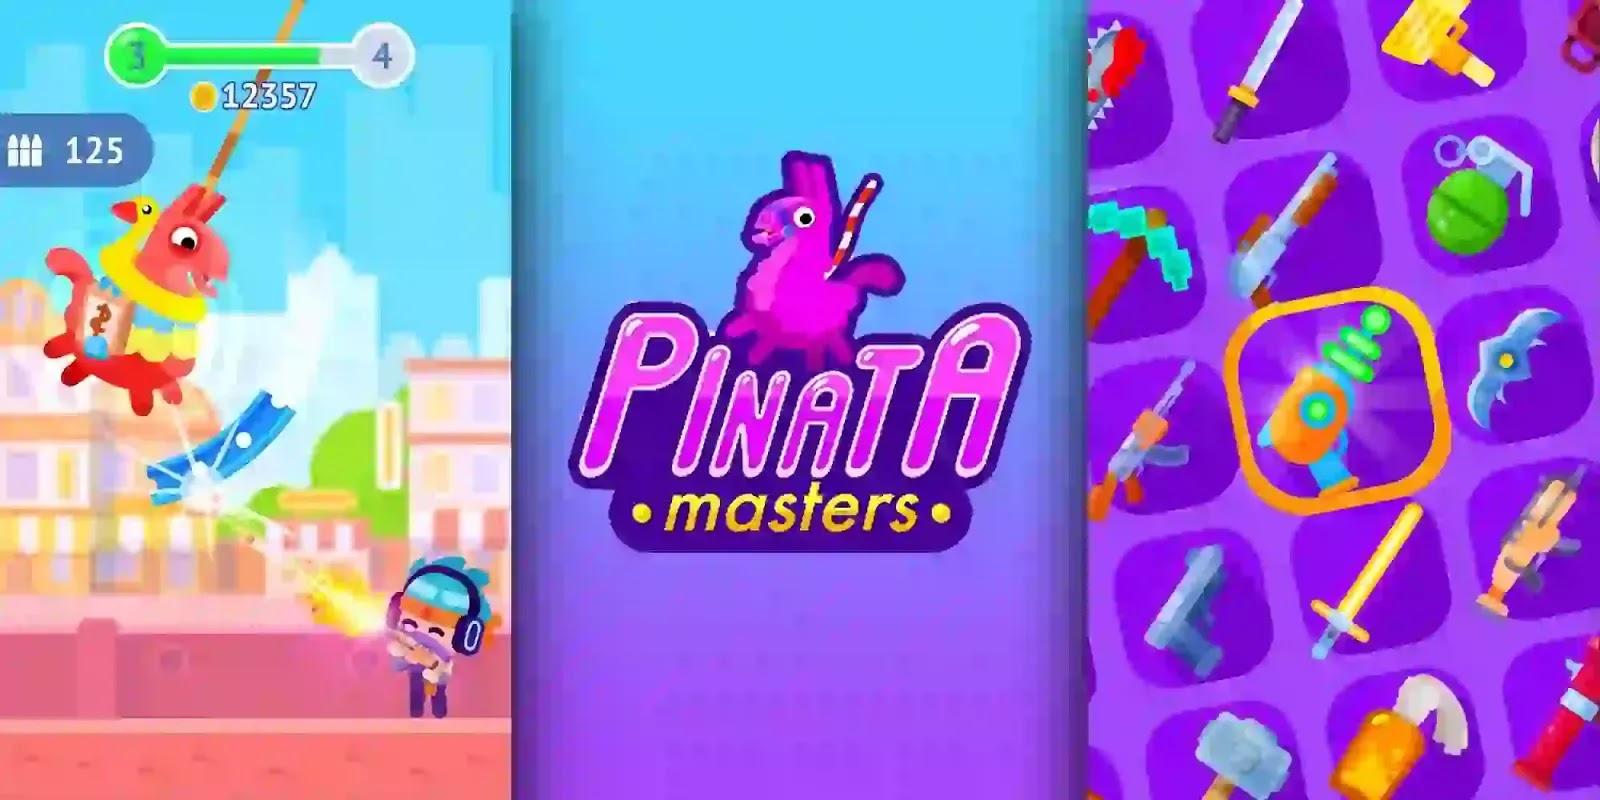 Pinatamasters اللعبة مستوحاة من المهرجانات التقليدية في المكسيك وبعض دول أمريكا اللاتينية الأخرى حيث يظهر Pinata.